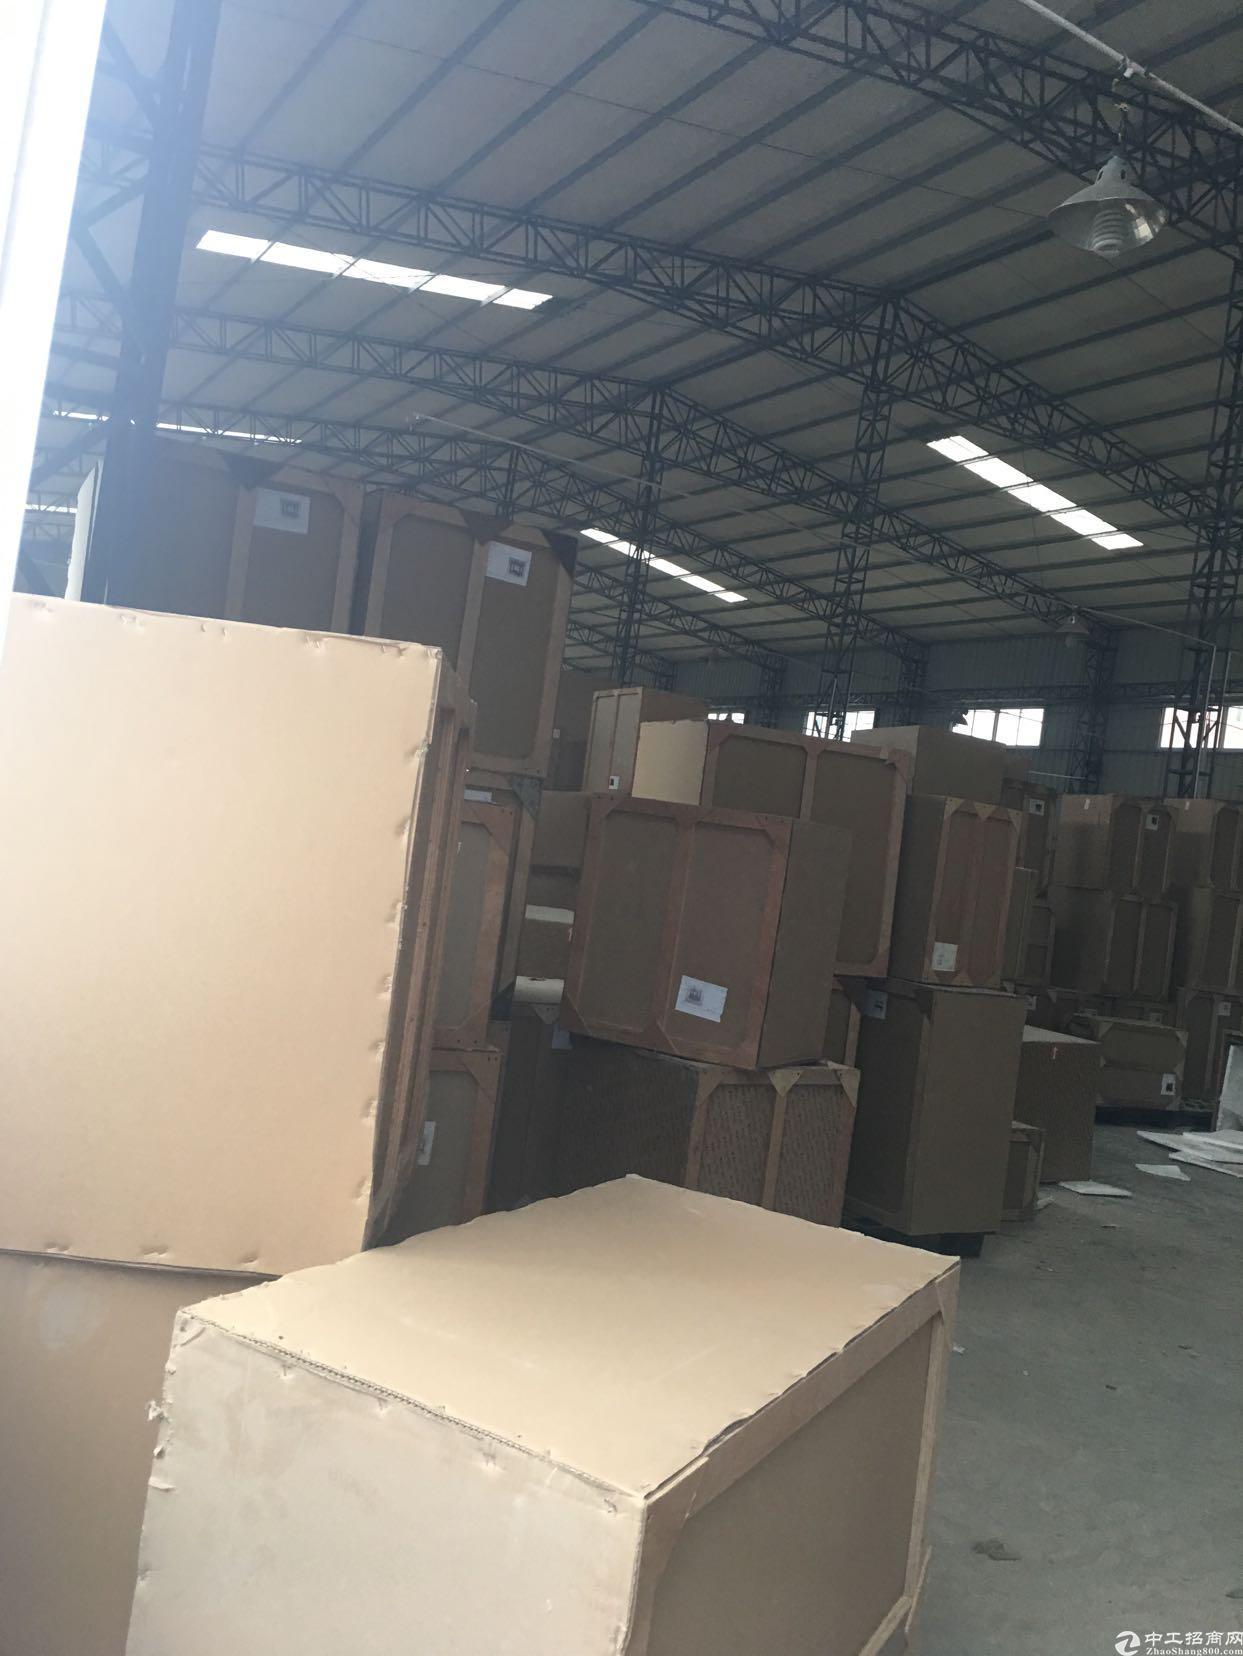 惠州惠区阳镇隆镇205国道边新出电商仓库约8000平